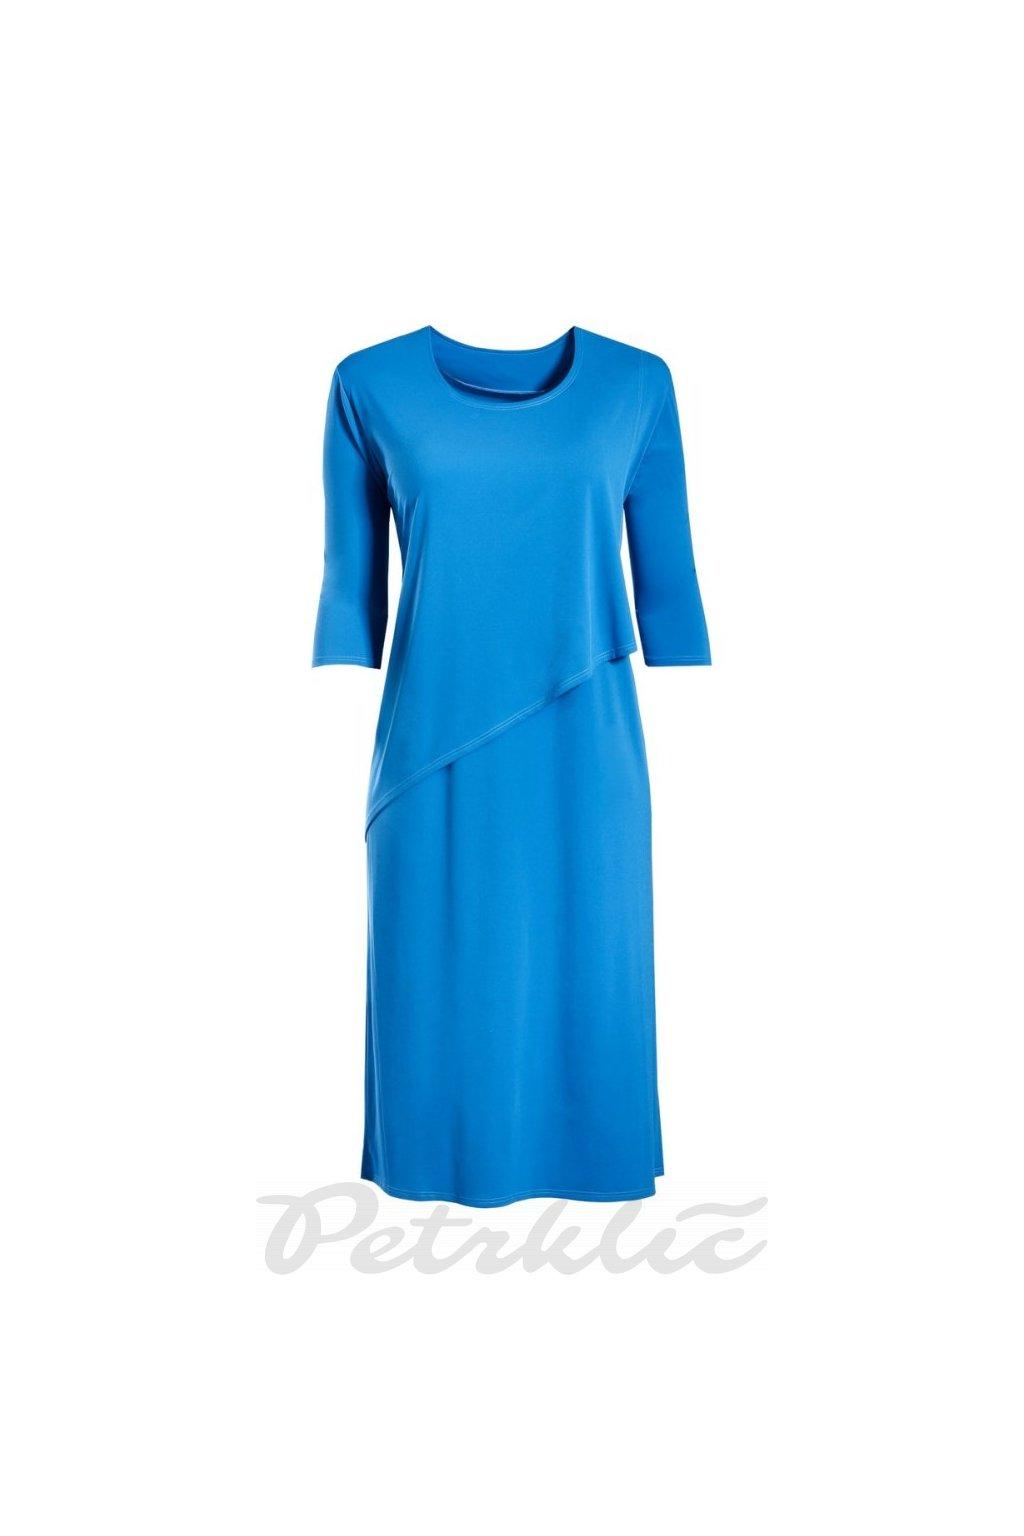 LENKA šaty 3/4 rukáv 110 cm